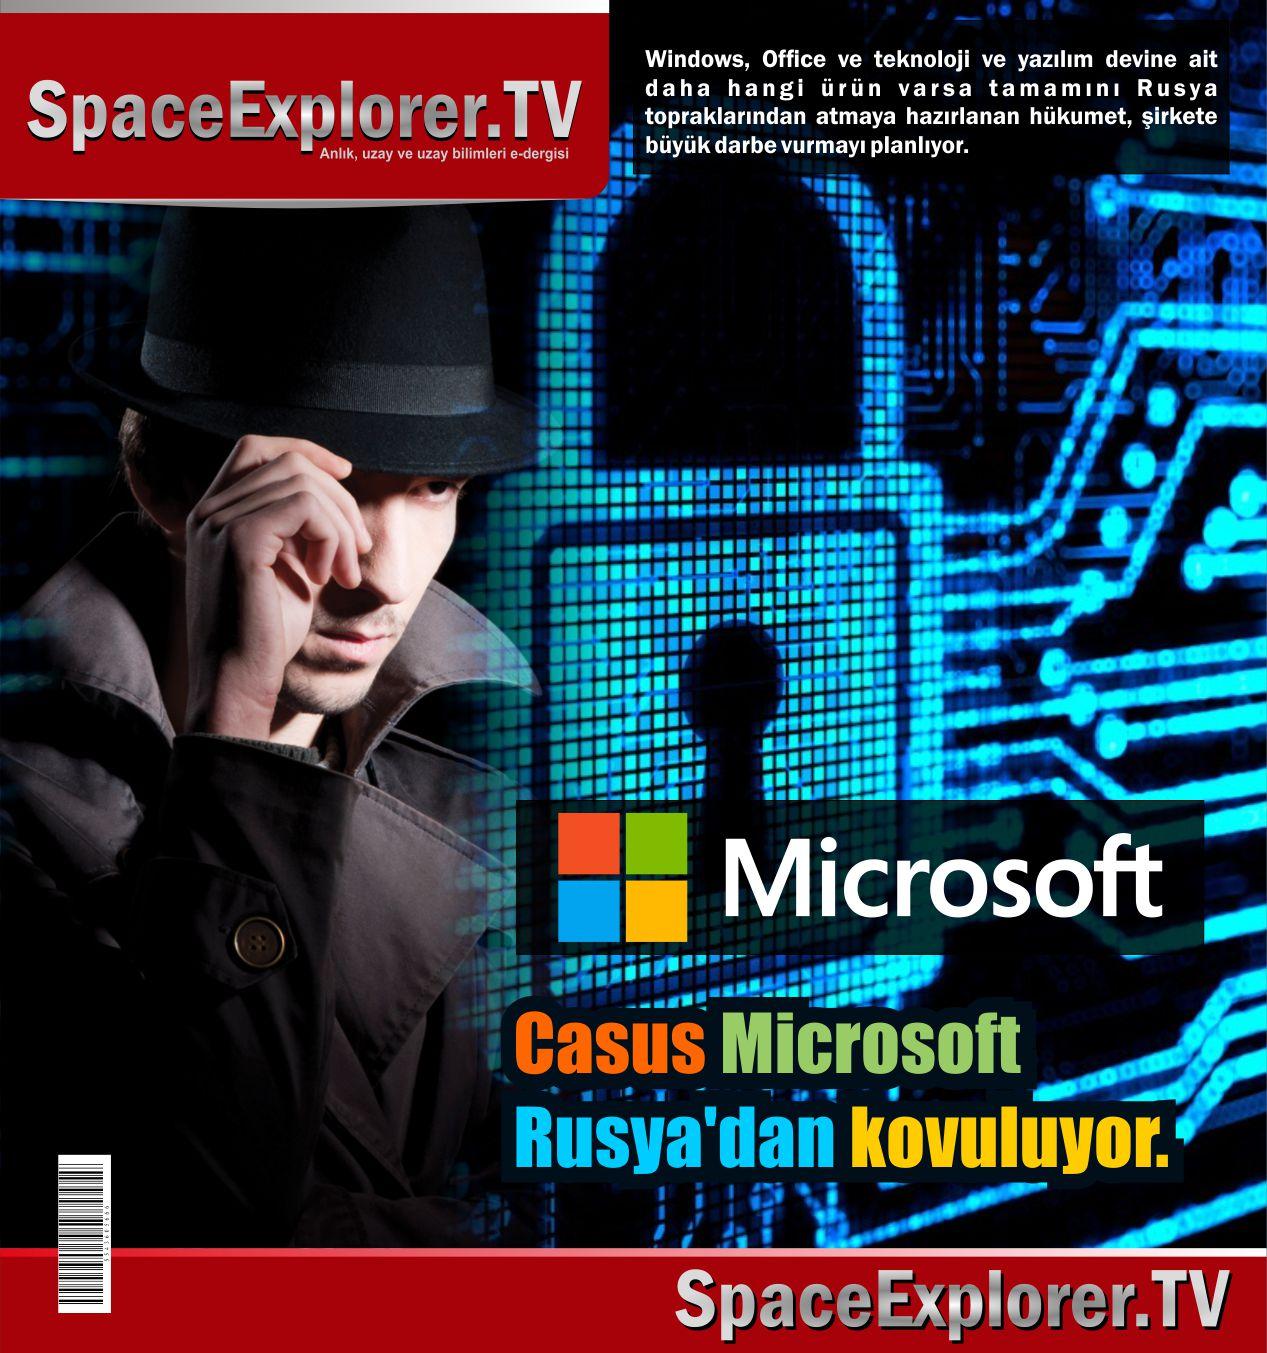 NSA, Microsoft, Siber Casusluk, Edward Snowden, Rusya, ABD, Şangay Birliği, Çin, İsrail, Masonluk, Büyük birader, Echelon, Space Explorer,